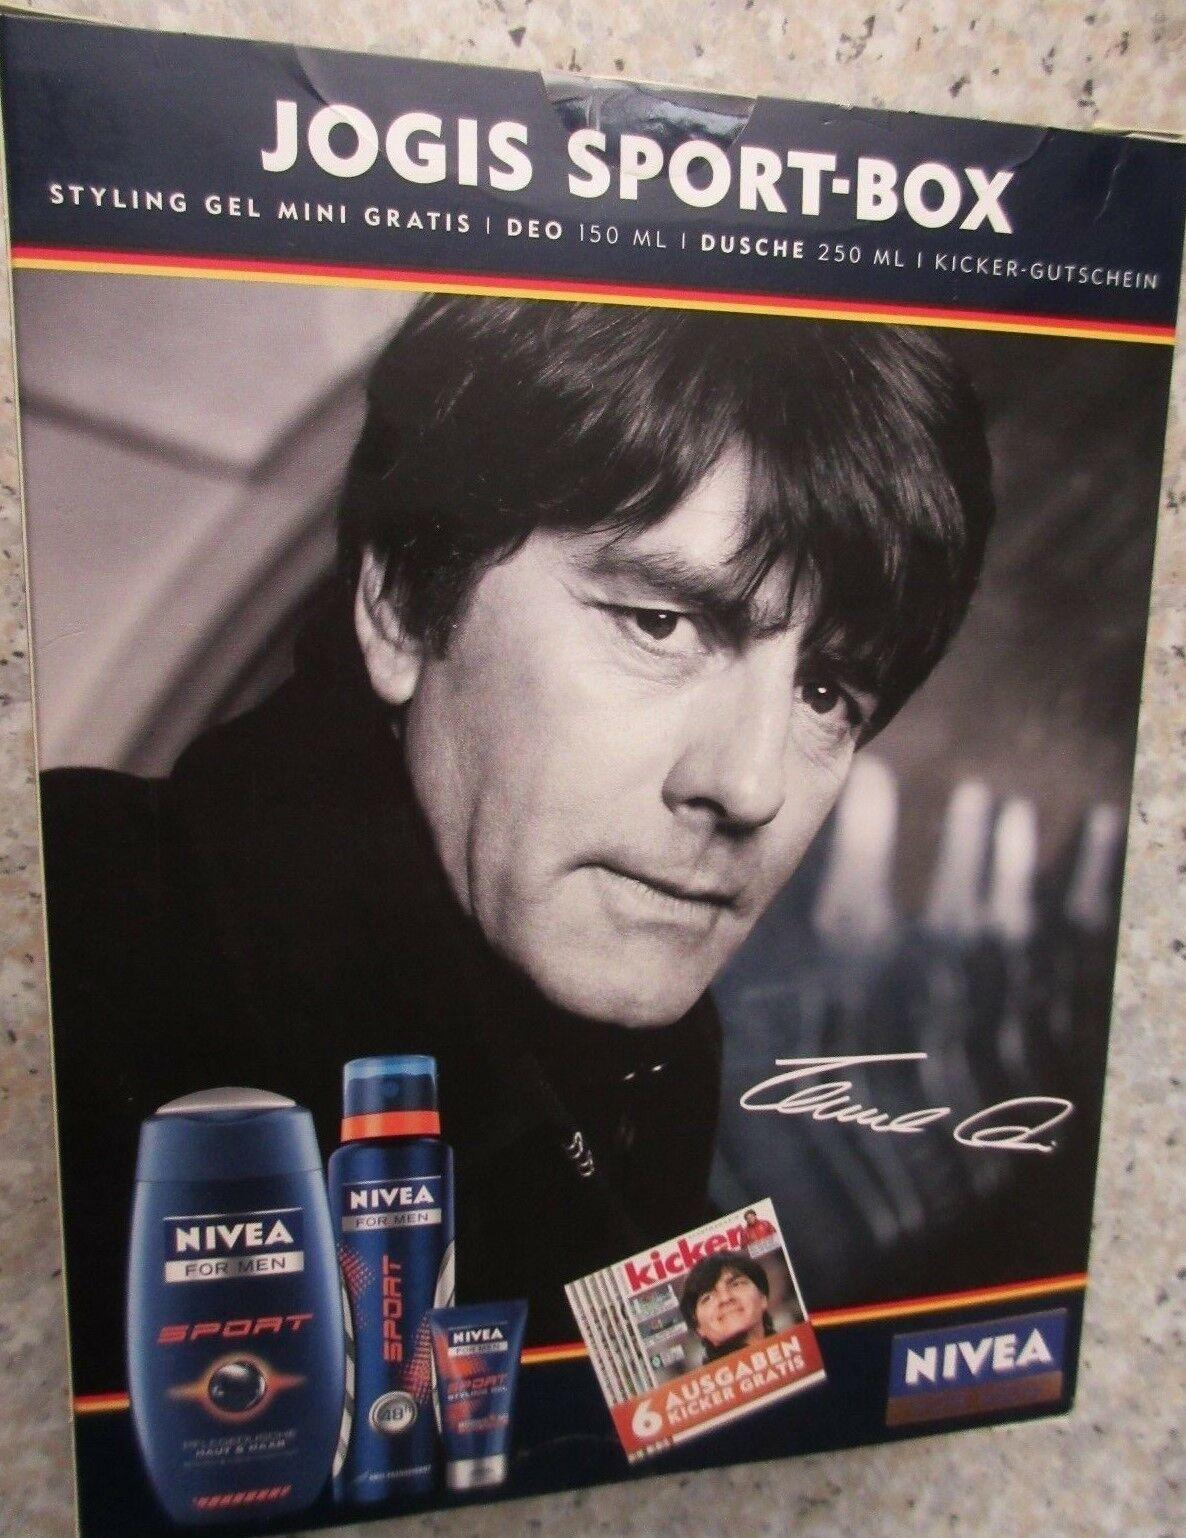 Nivea for Men Geschenkset Jogis Sport Box (Deospray, Pflegedusche, Styling Gel)